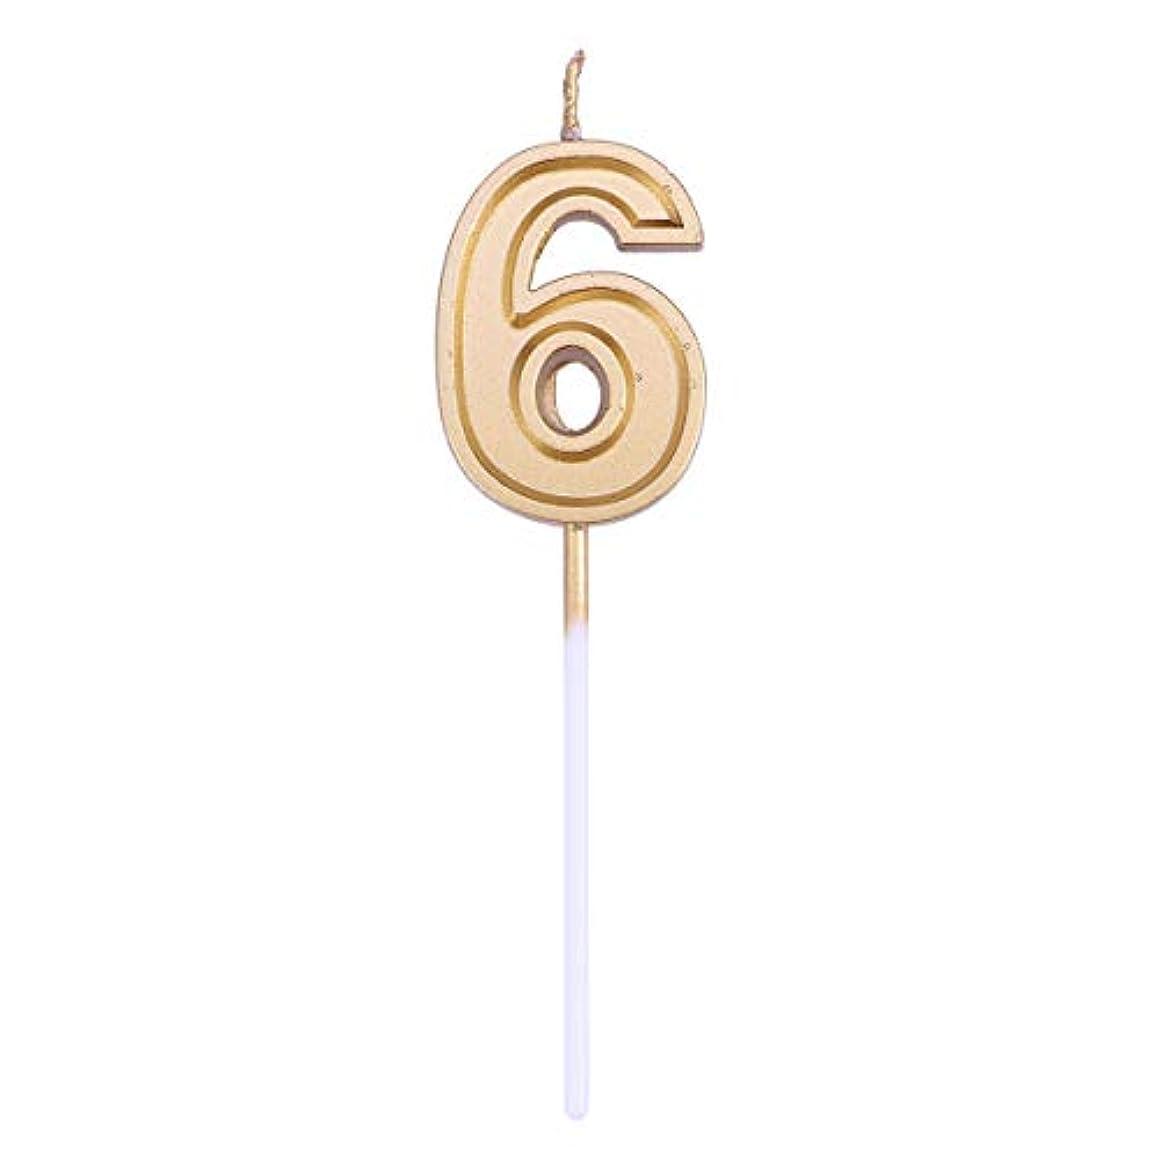 環境トマト交通渋滞Toyvian ゴールドラメ誕生日おめでとう数字キャンドル番号キャンドルケーキトッパー装飾用大人キッズパーティー(番号6)